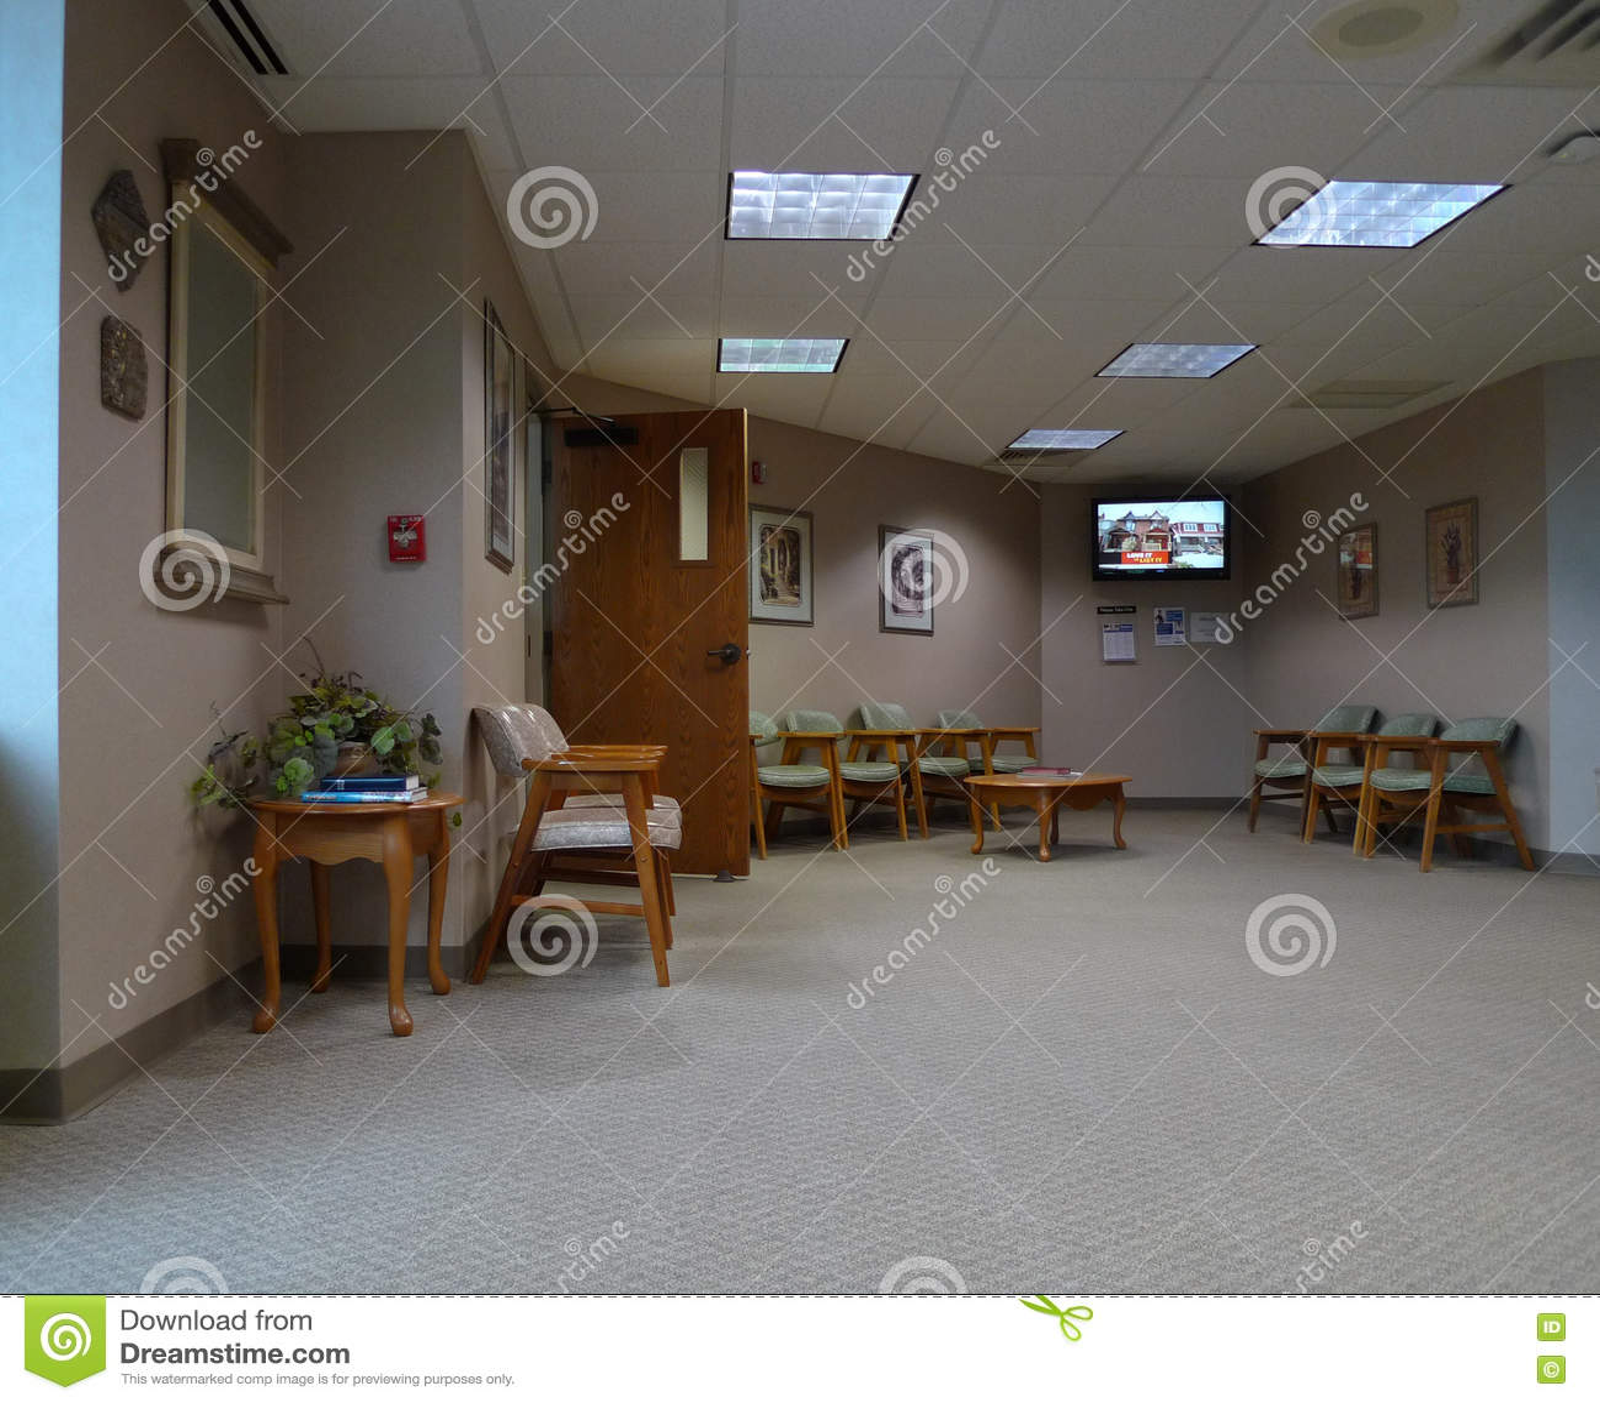 Chaises Salle D Attente Cabinet Medical salle d'attente dans le bureau médical moderne photo stock